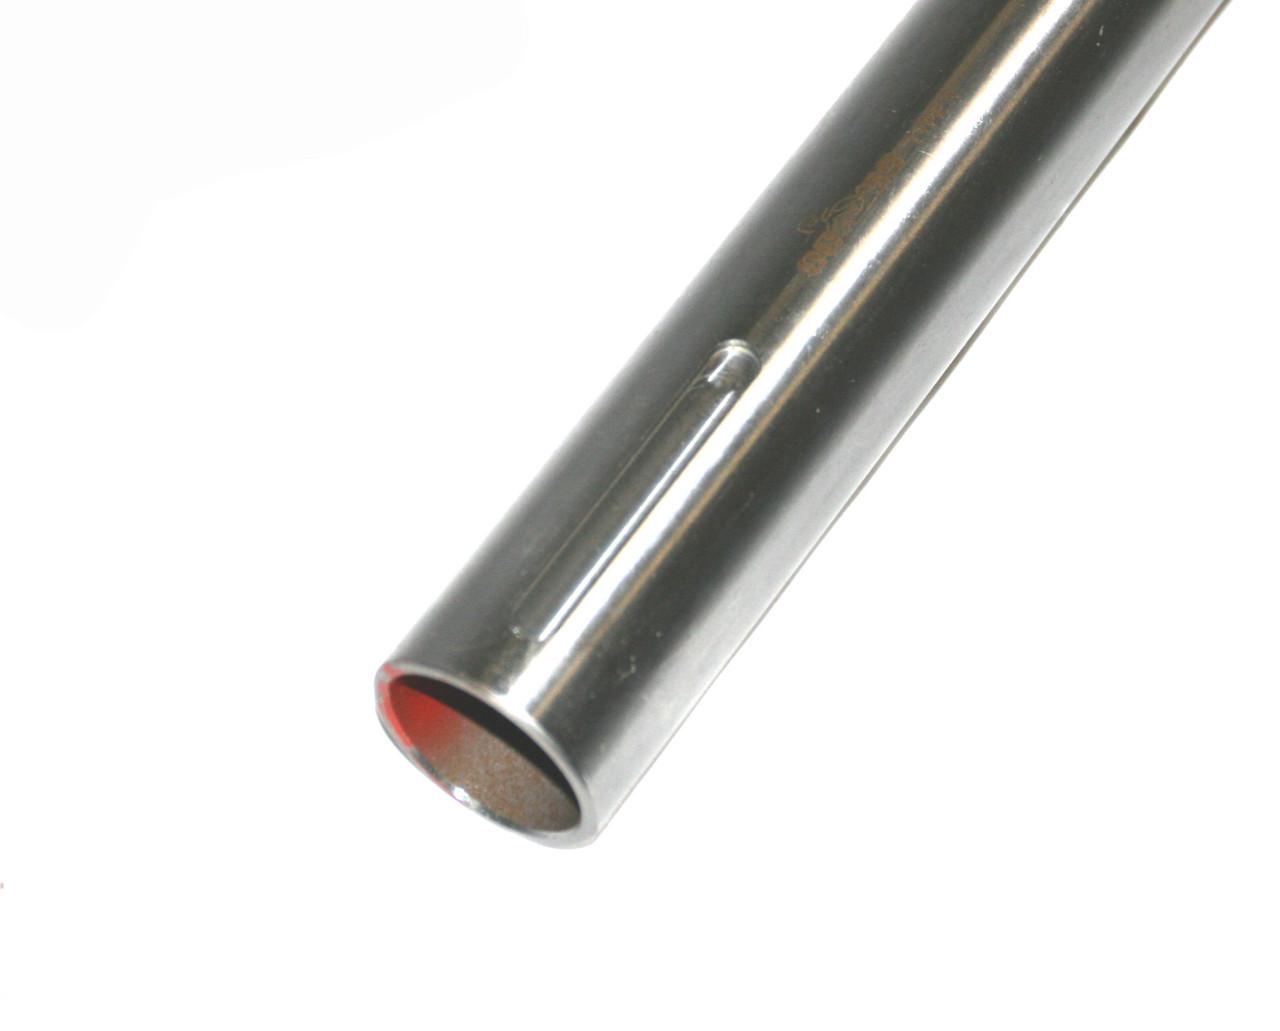 #1: P/N VLE4001: 0039 Axle, 40mm, Soft